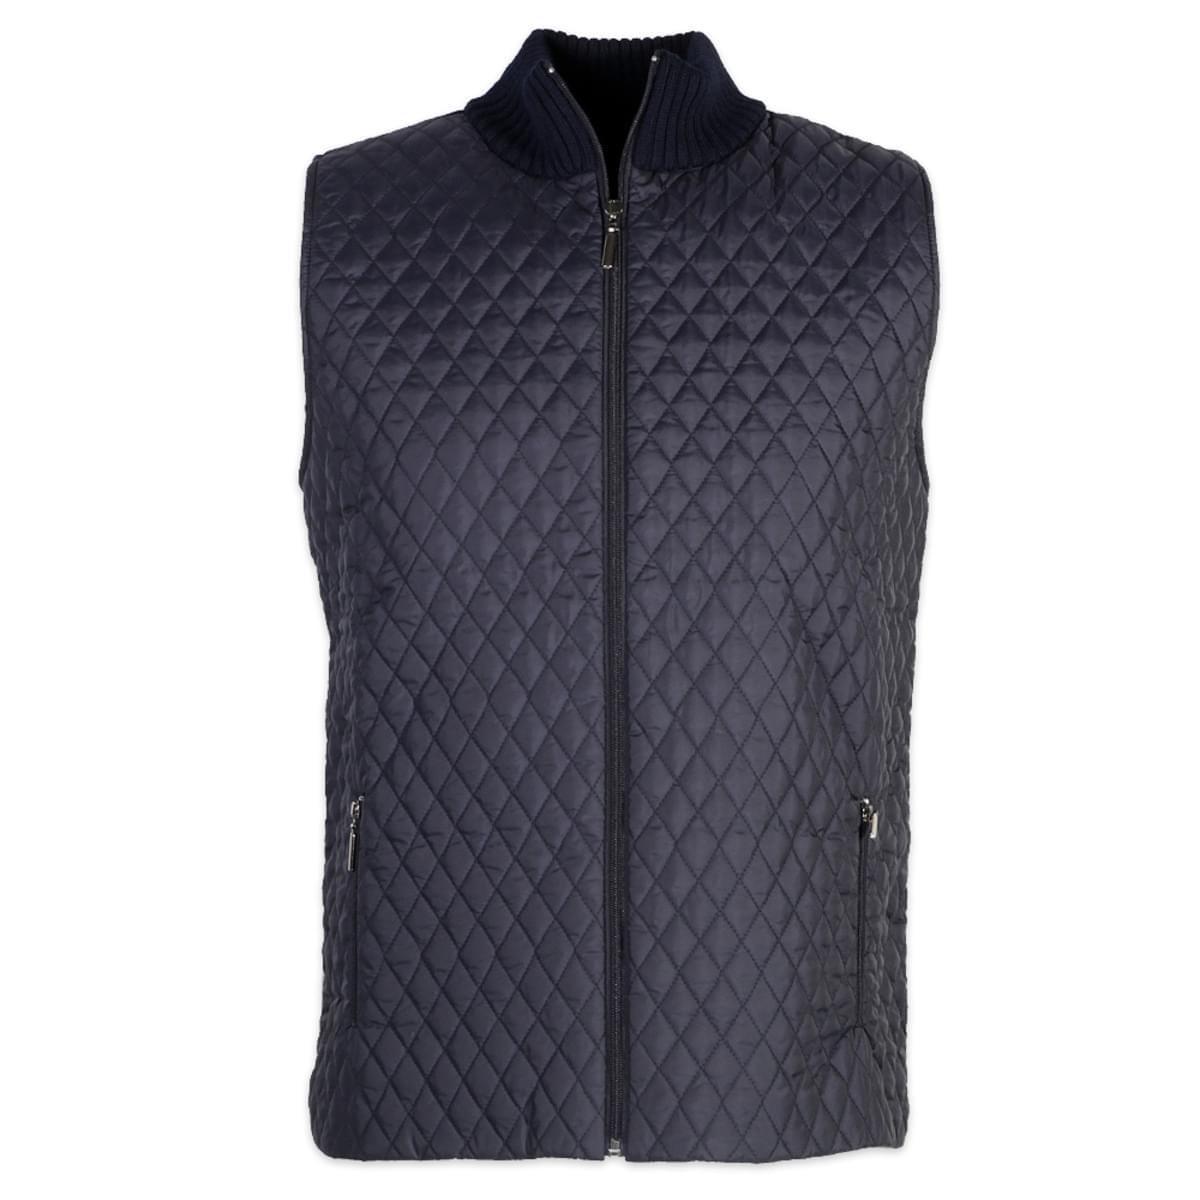 Pánská prošívaná vesta Willsoor 6013 ve tmavě modré barvě XL